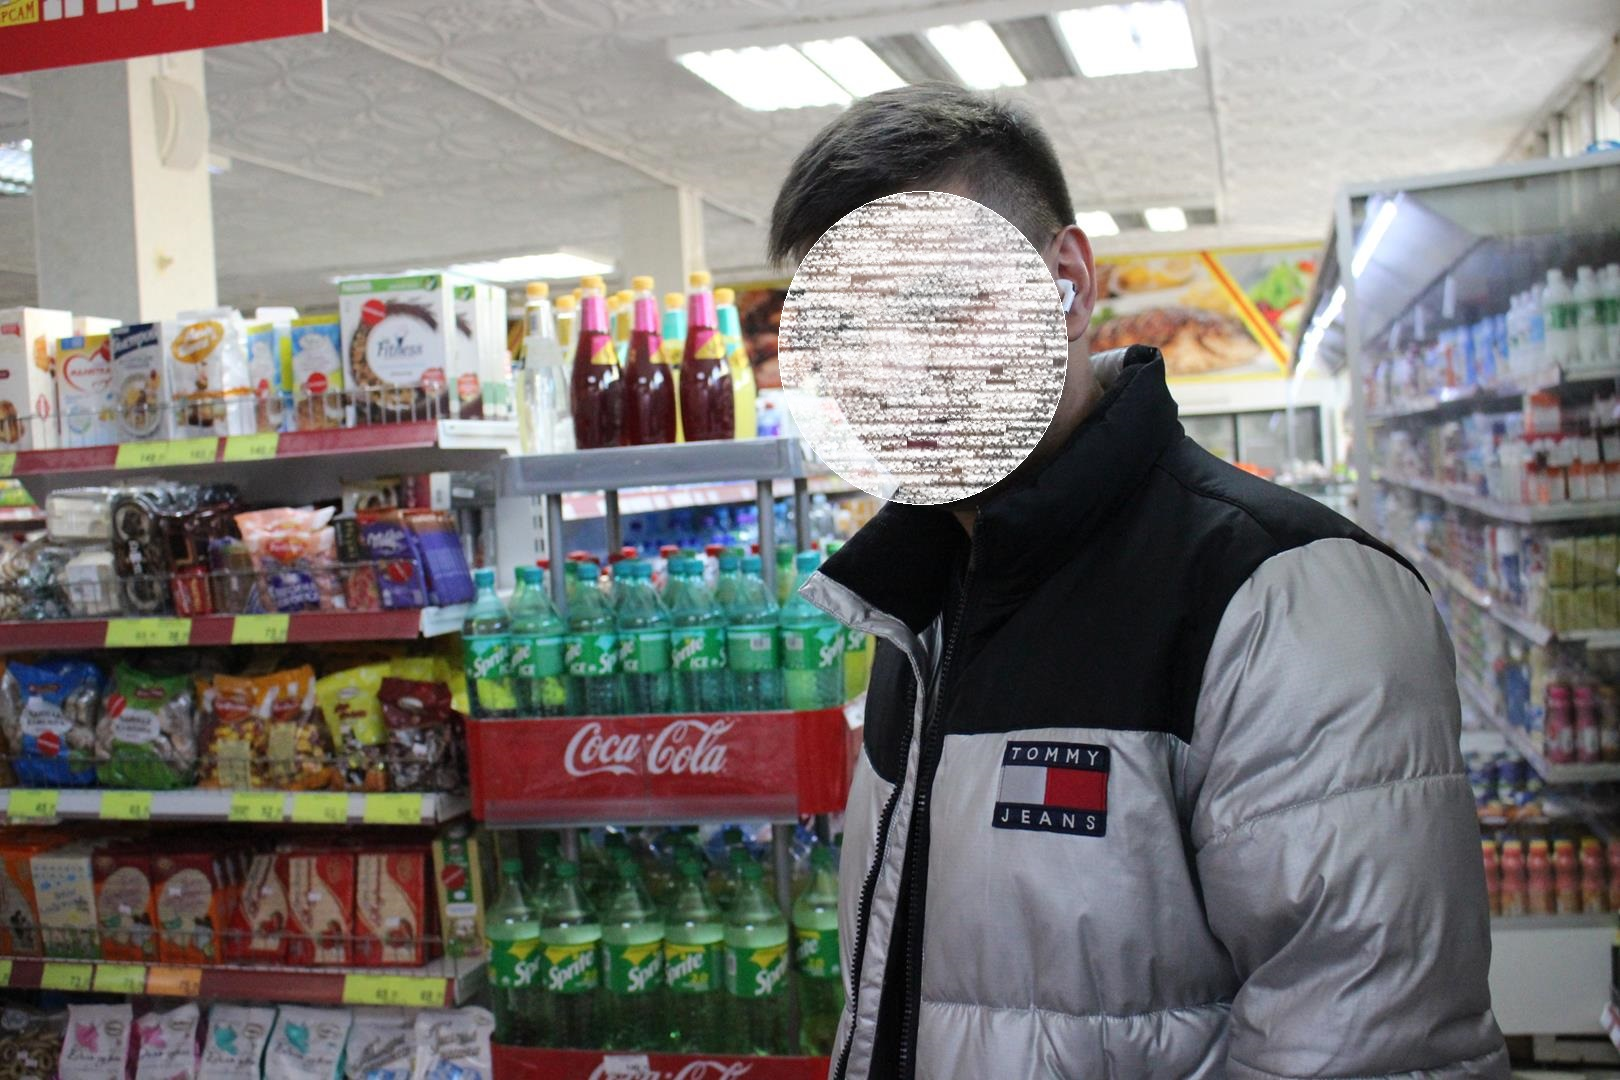 Замечаем посетителя без маски. Дмитрий говорит, что если попросят, то обязательно наденет. Но сегодня тут нет контроля